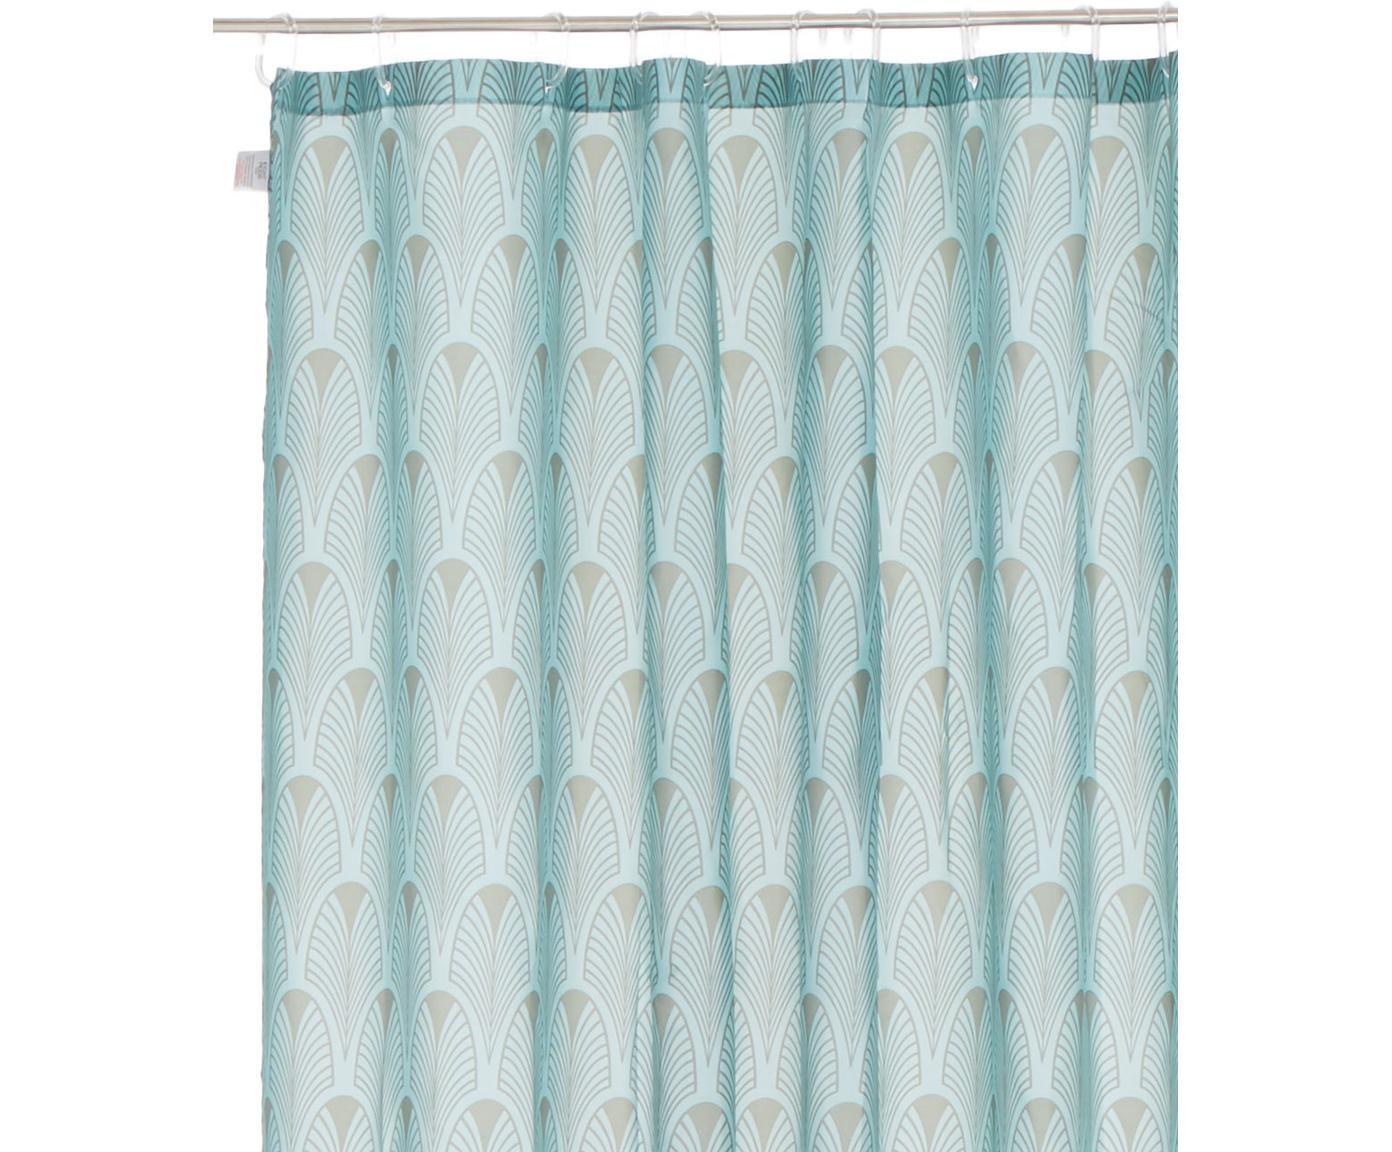 Tenda da doccia con motivo Art Deco Ashville, 100% poliestere stampato Idrorepellente non impermeabile, Blu menta, grigio, Larg. 180 x Lung. 200 cm